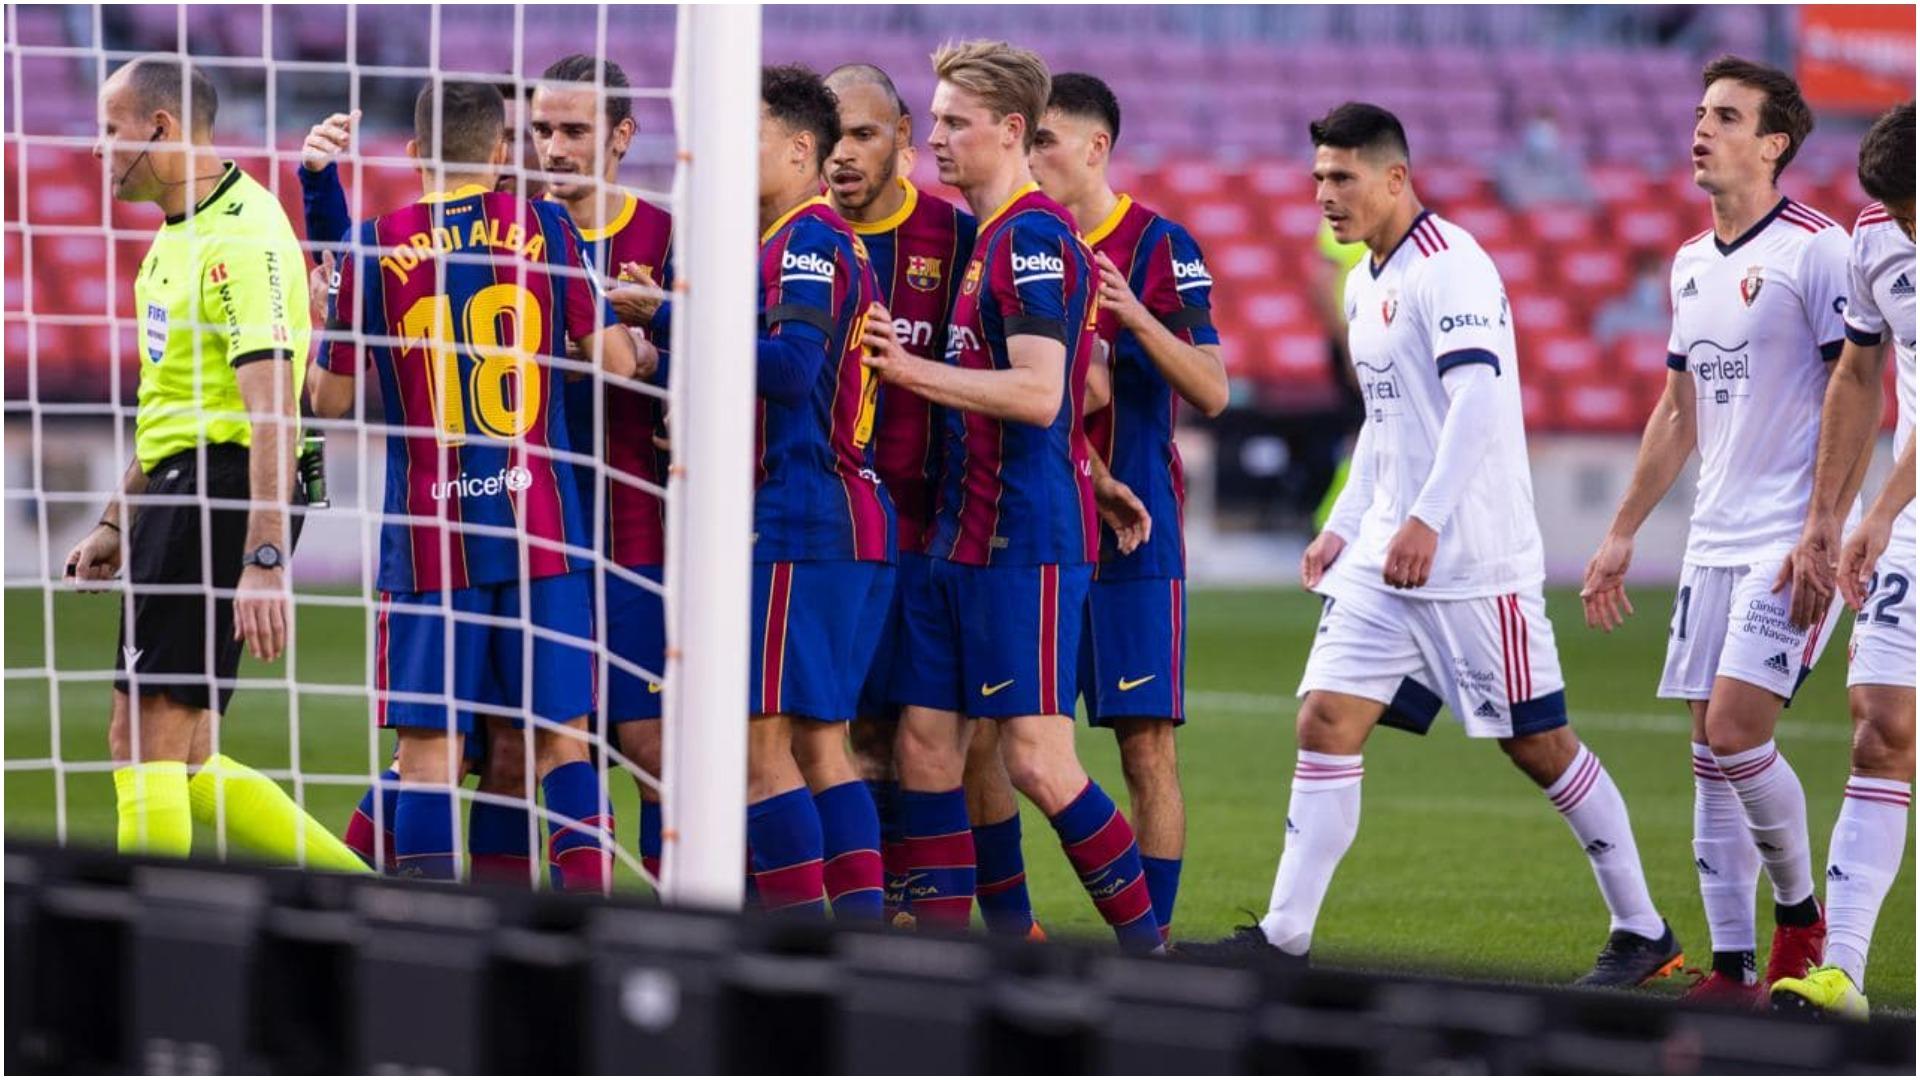 Jo vetëm Erik Garcia nga Premier, Barcelona piketon një latin për mbrojtjen